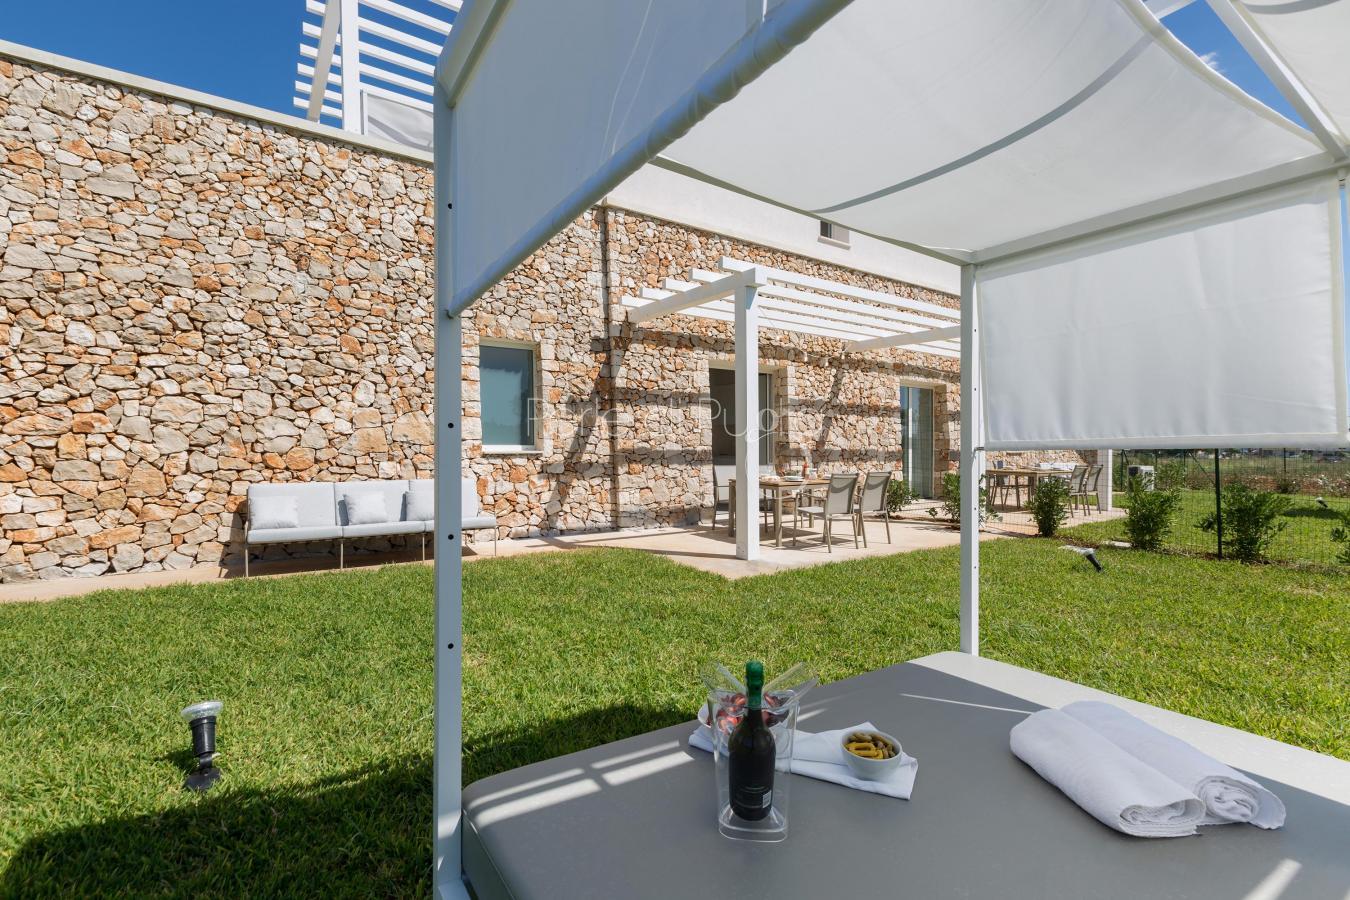 Bellissima veranda esterna per pranzare e cenare all`aperto